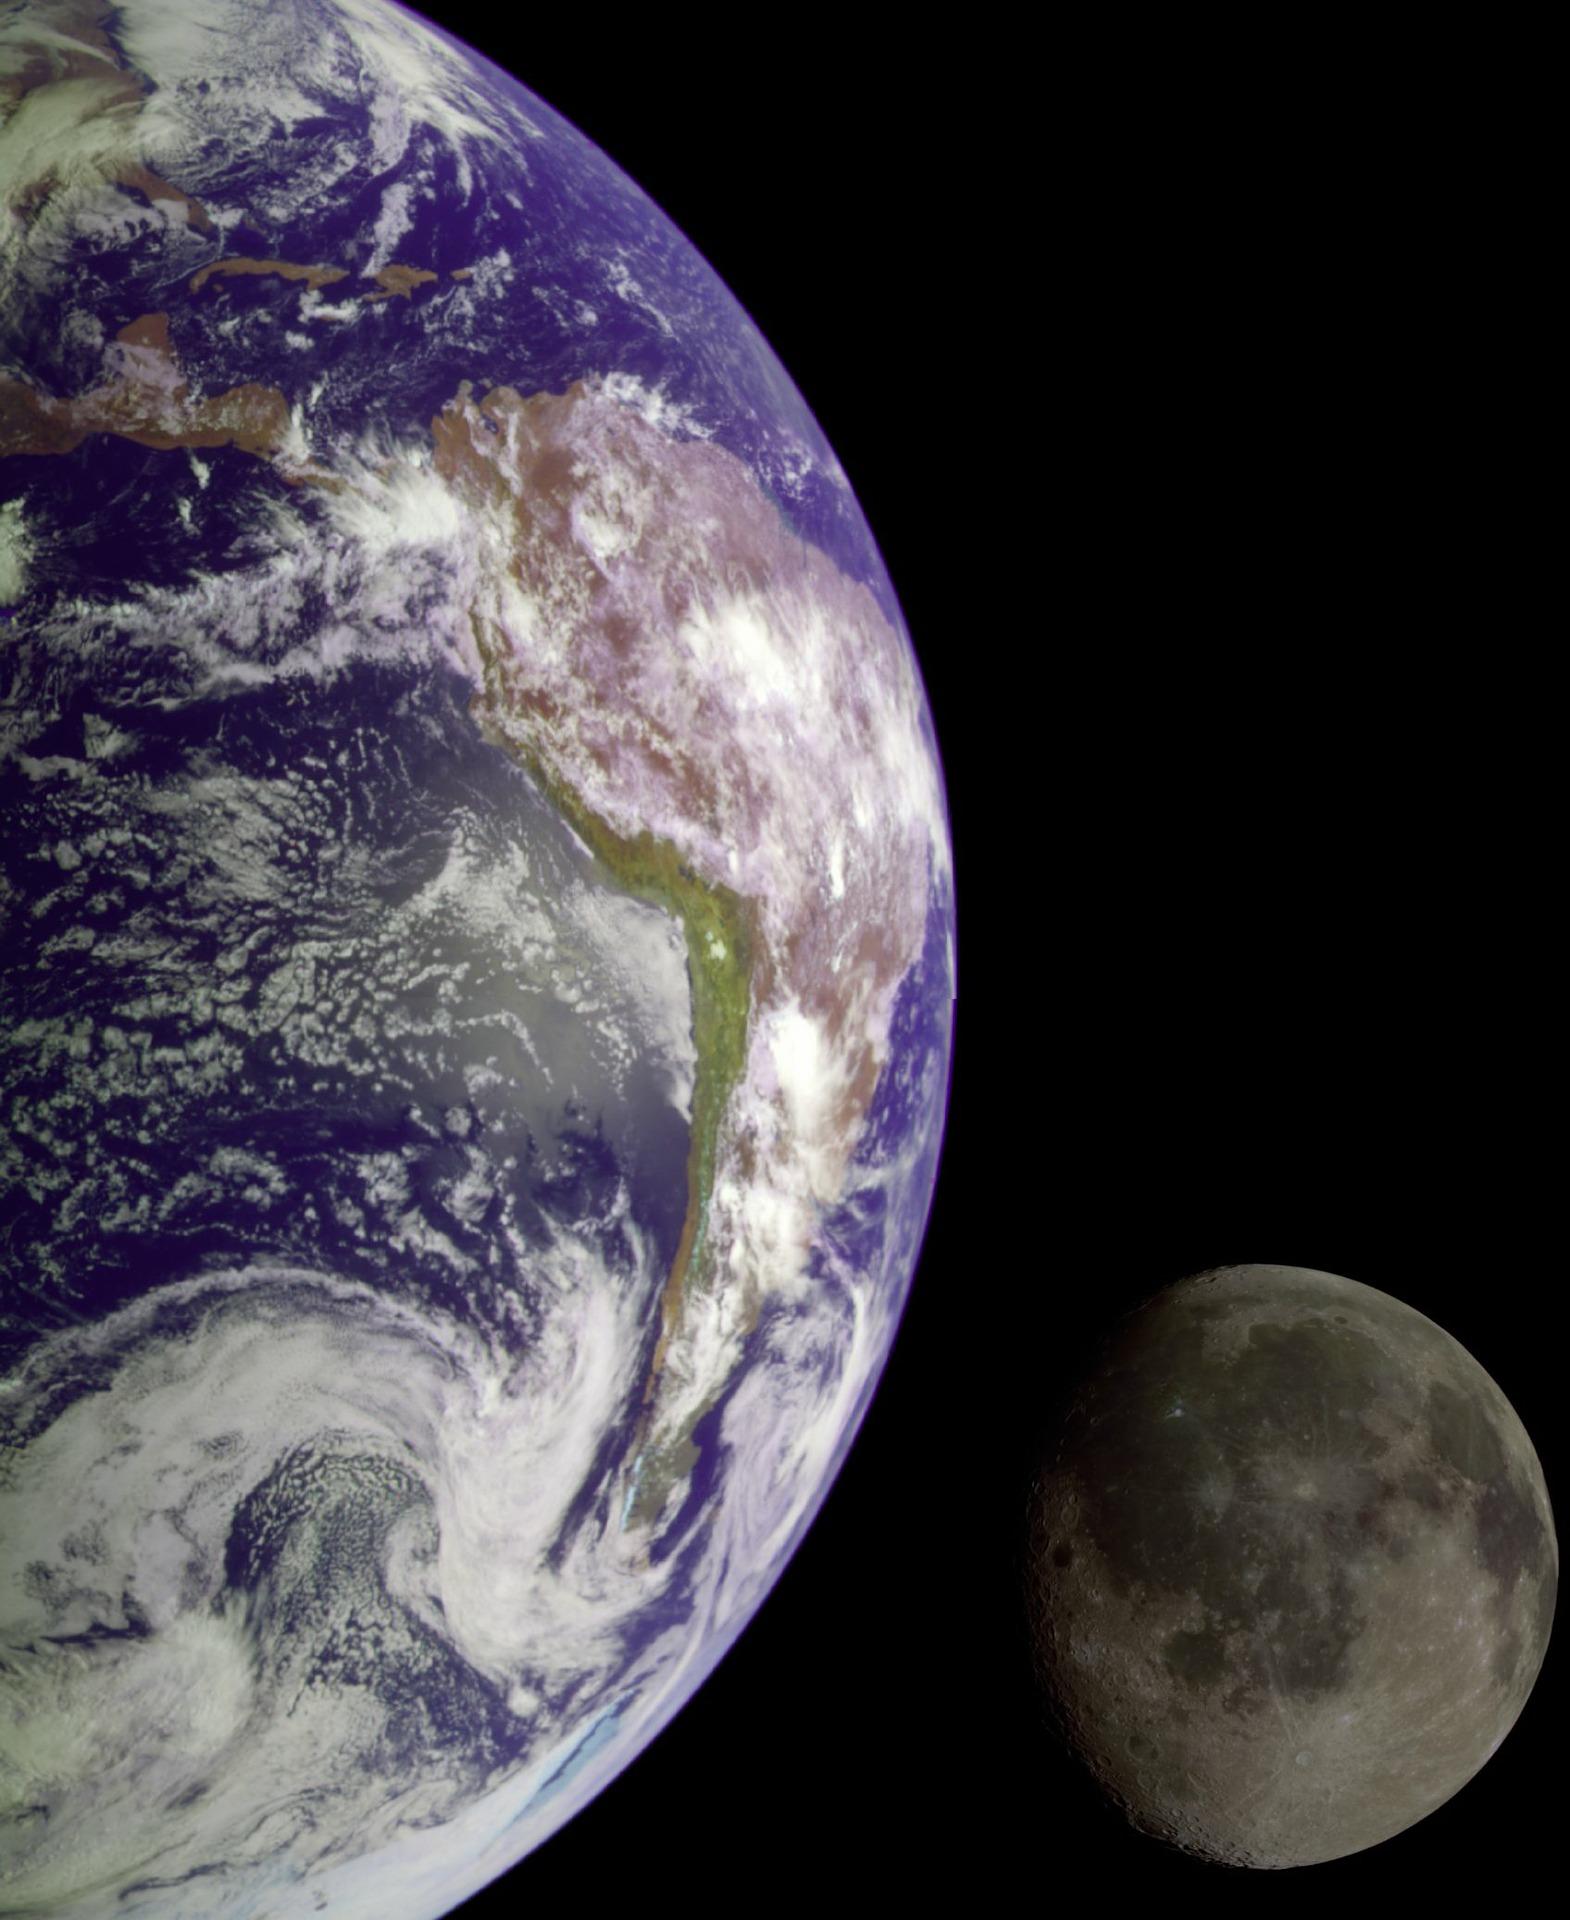 naturalny satelita ziemi, księżyc, układ słoneczny, astronomia